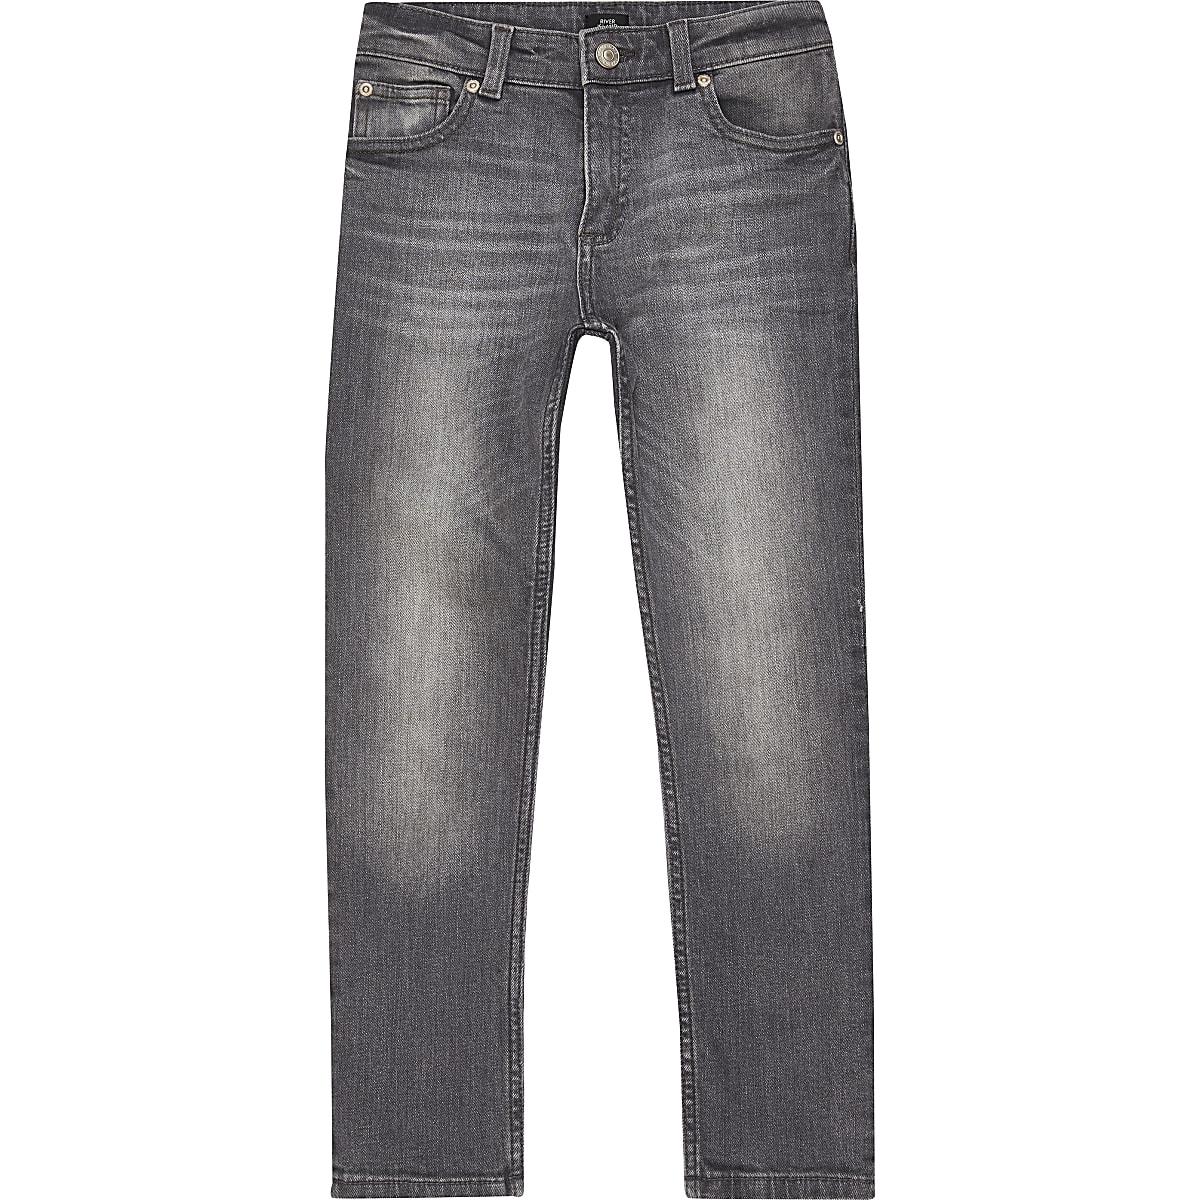 Boys grey wash Sid skinny jeans